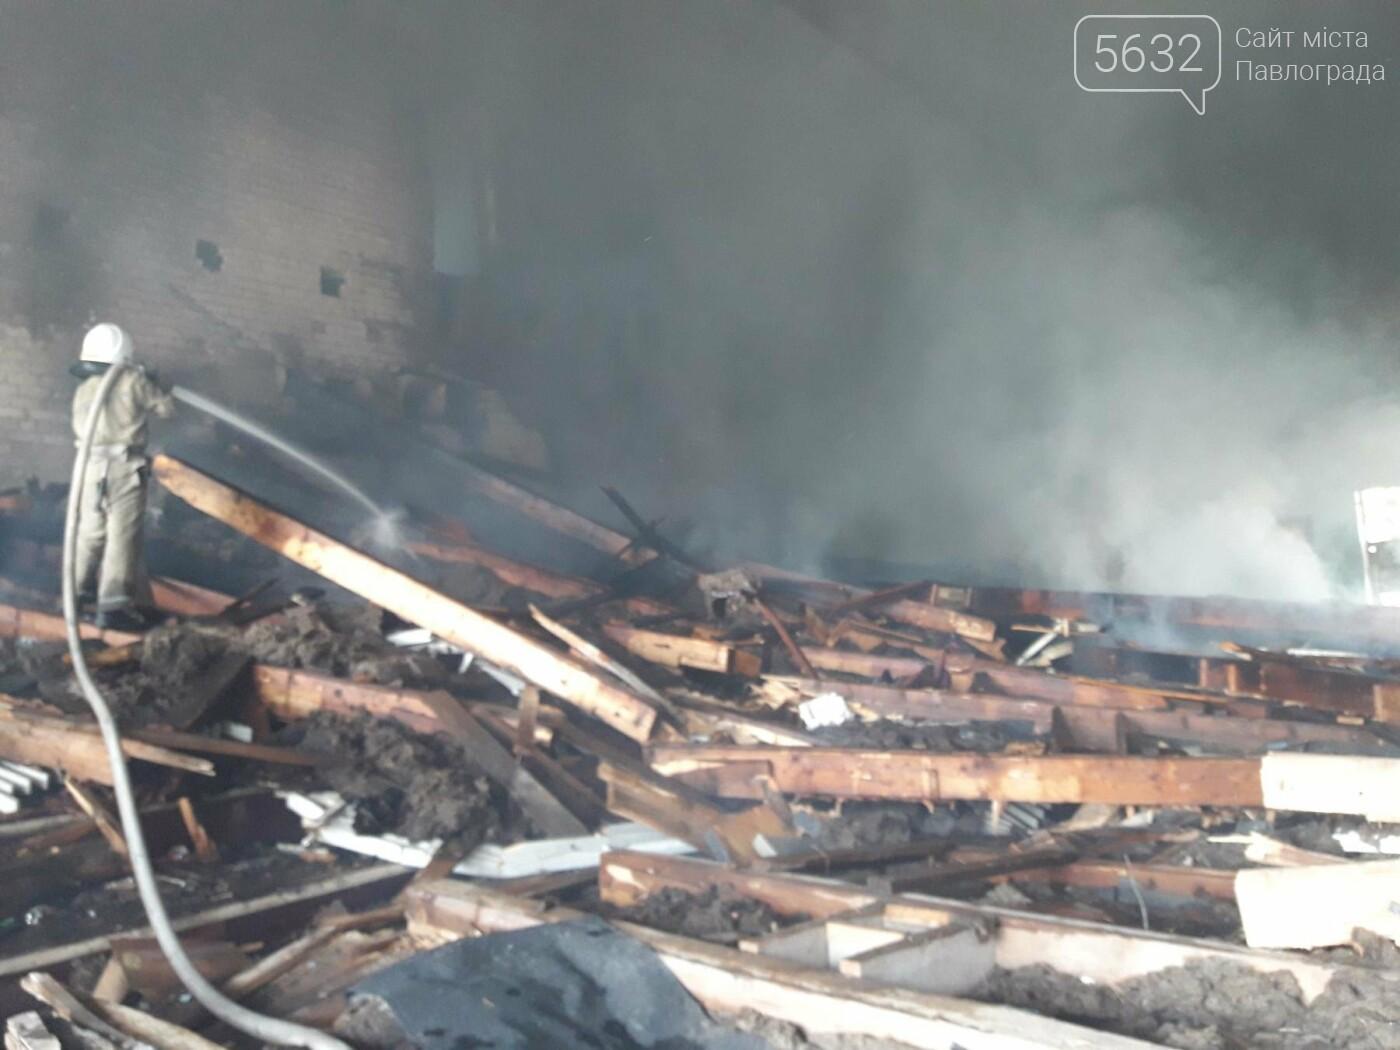 В Павлограде второй раз за сутки горит дом культуры, фото-1